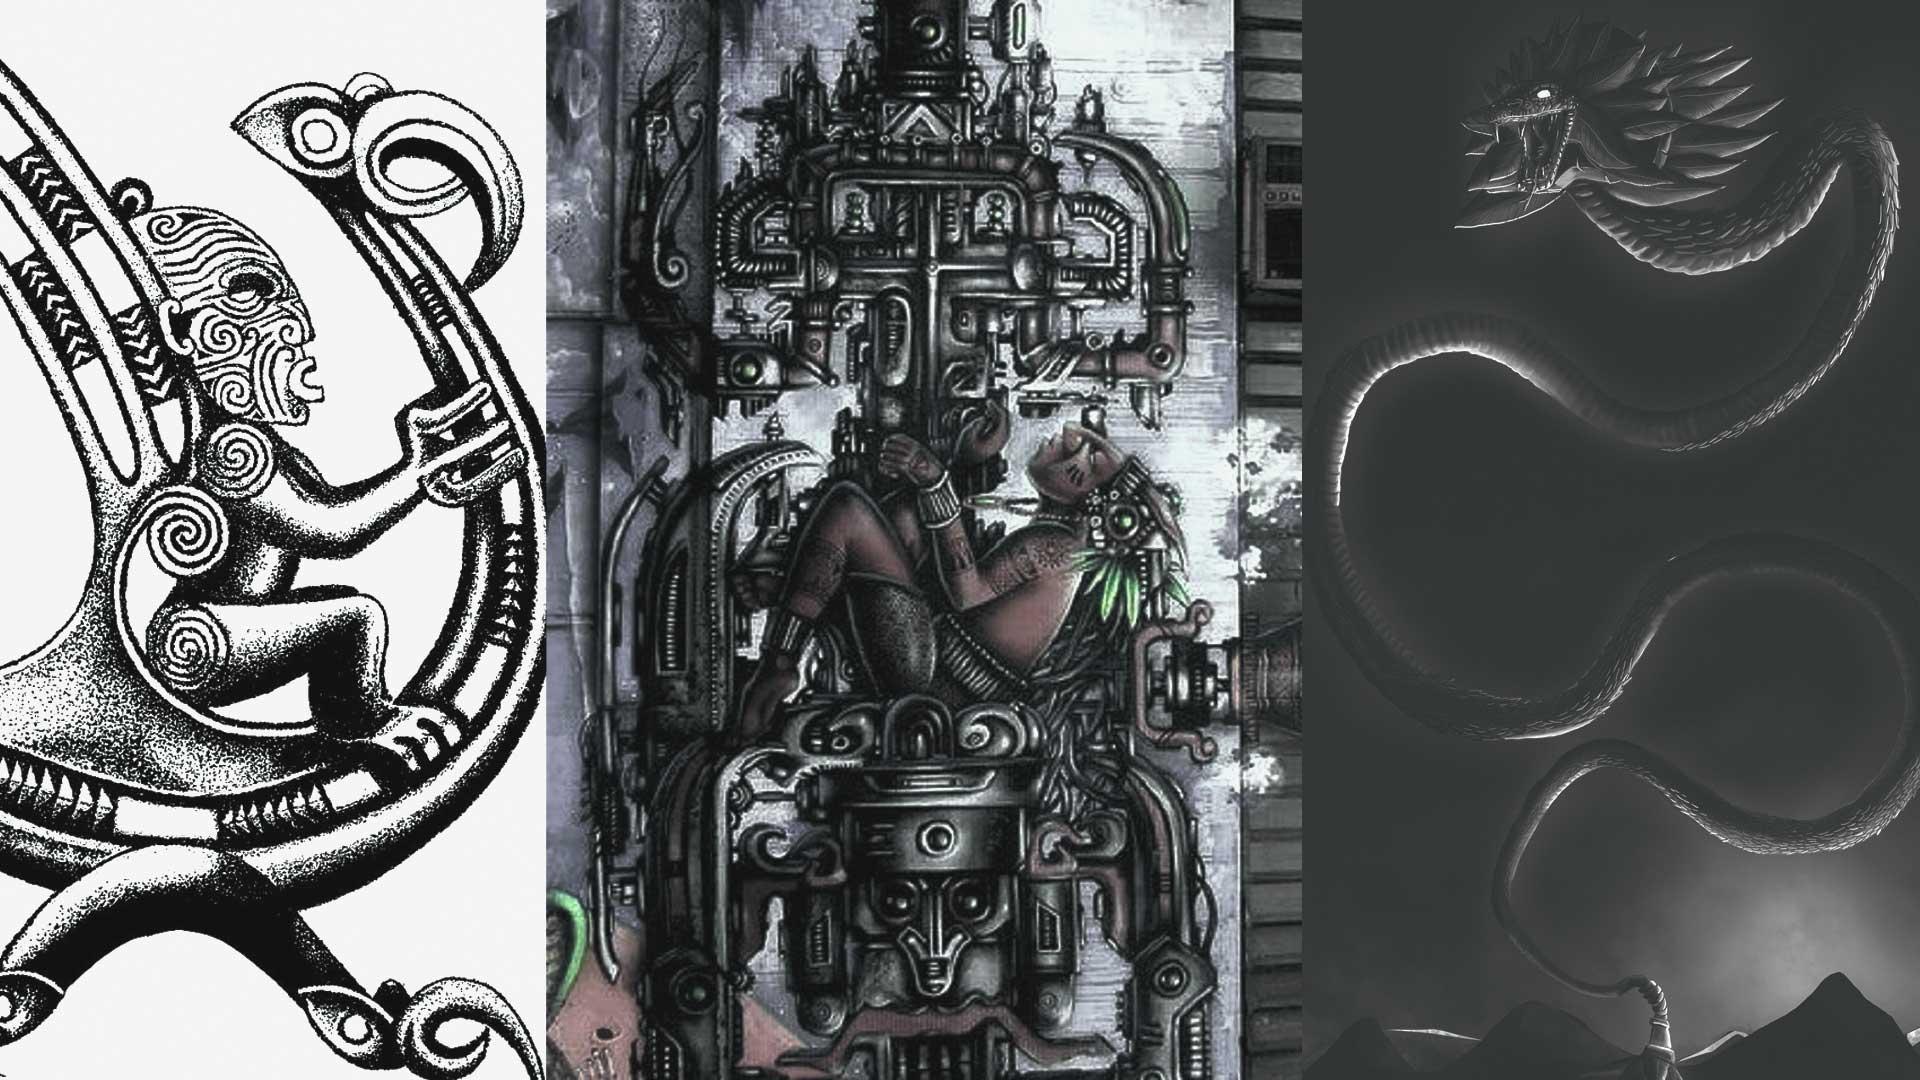 Las semejanzas de dioses antiguos de muchas culturas con Extraterrestres